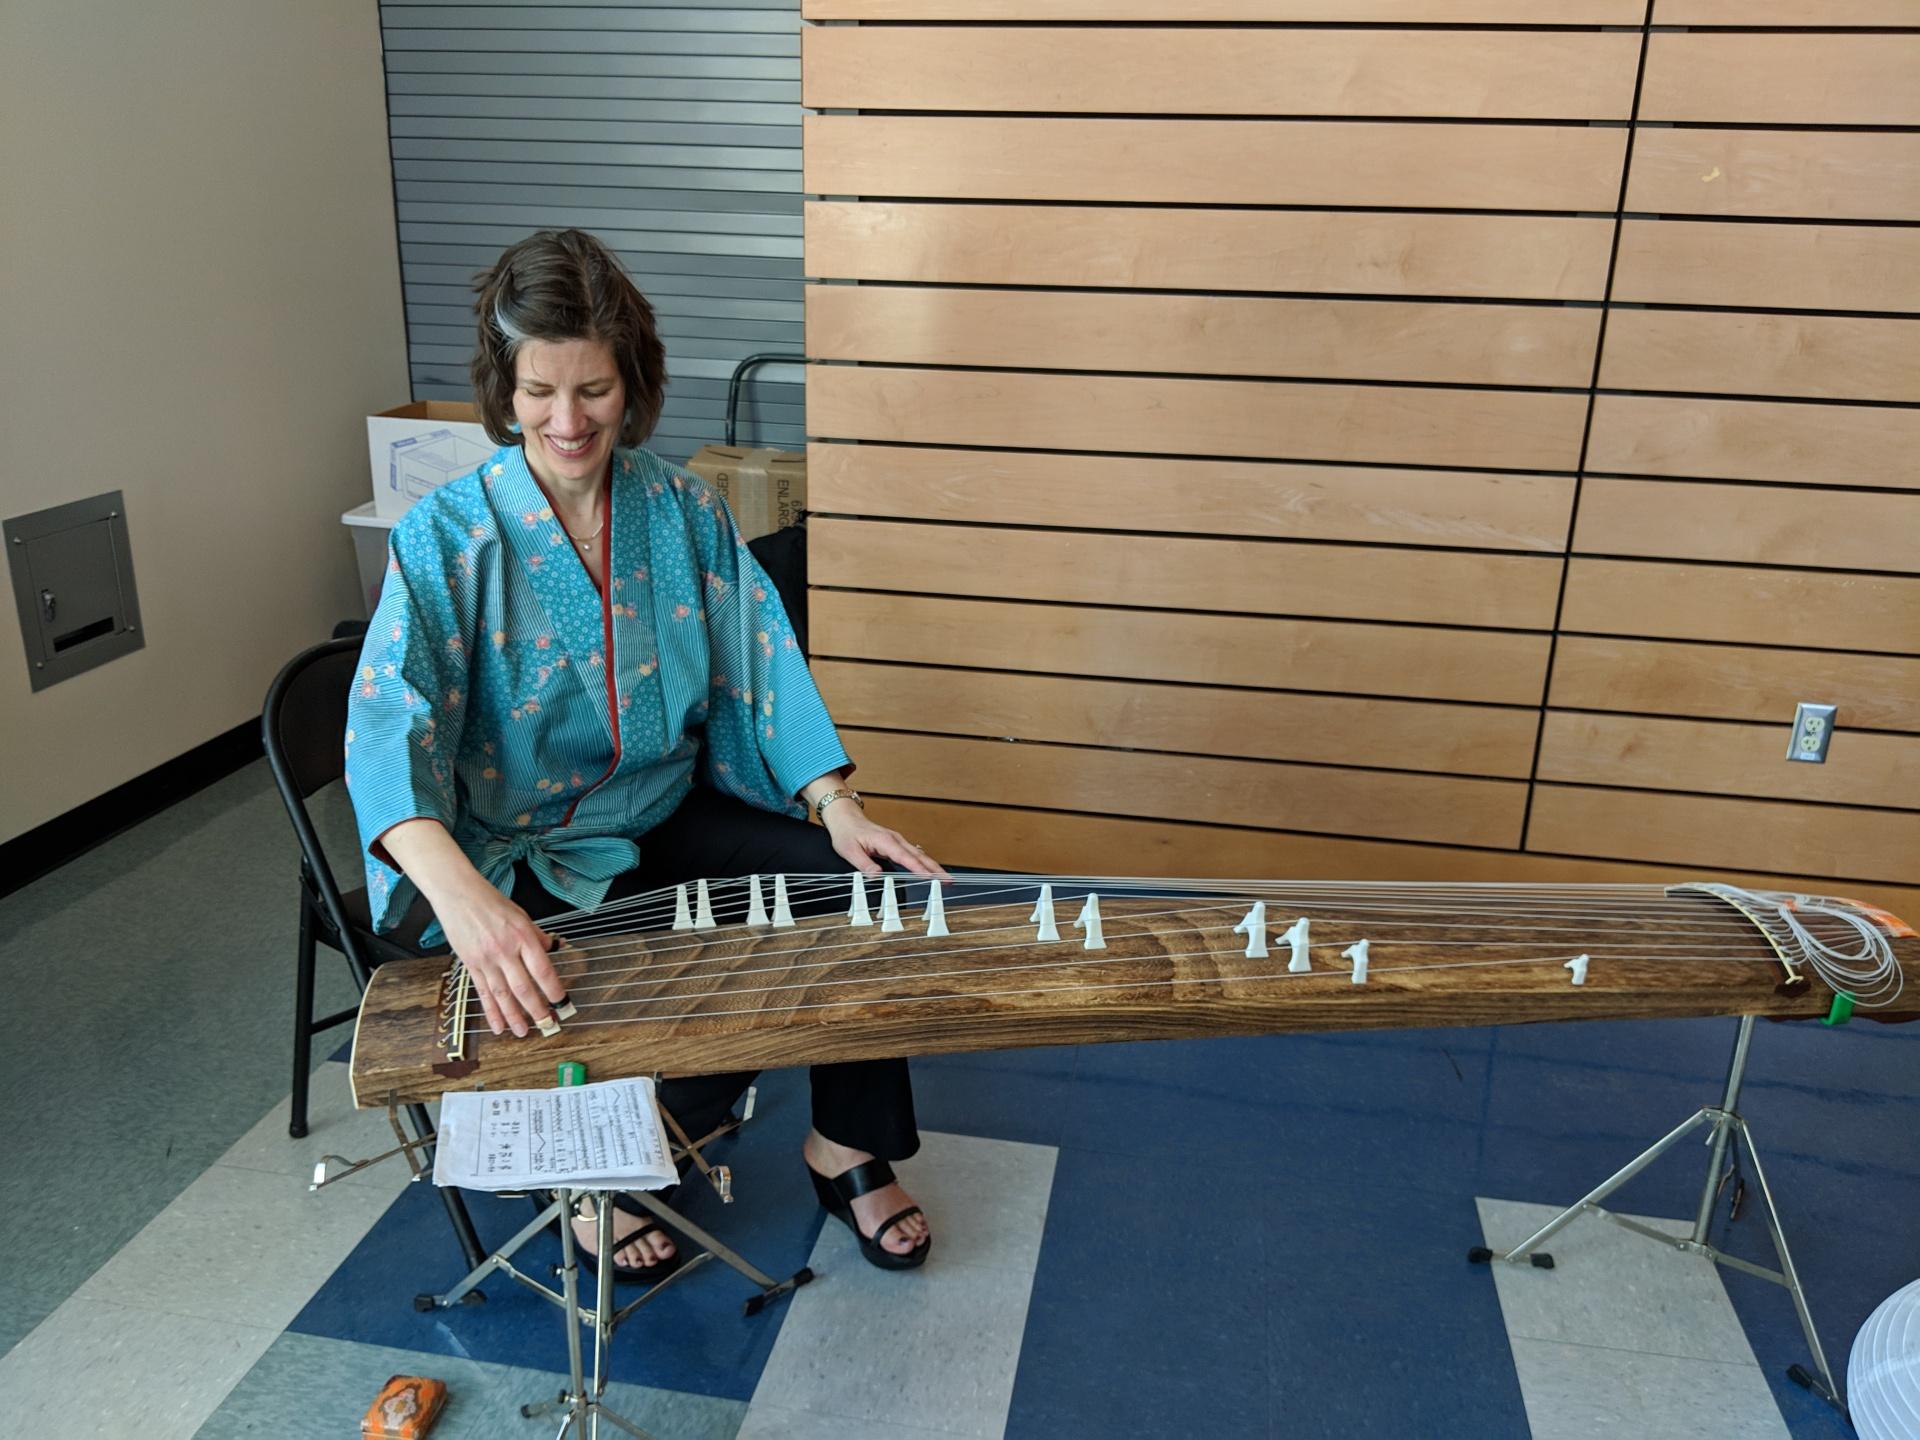 Sarah plays the koto